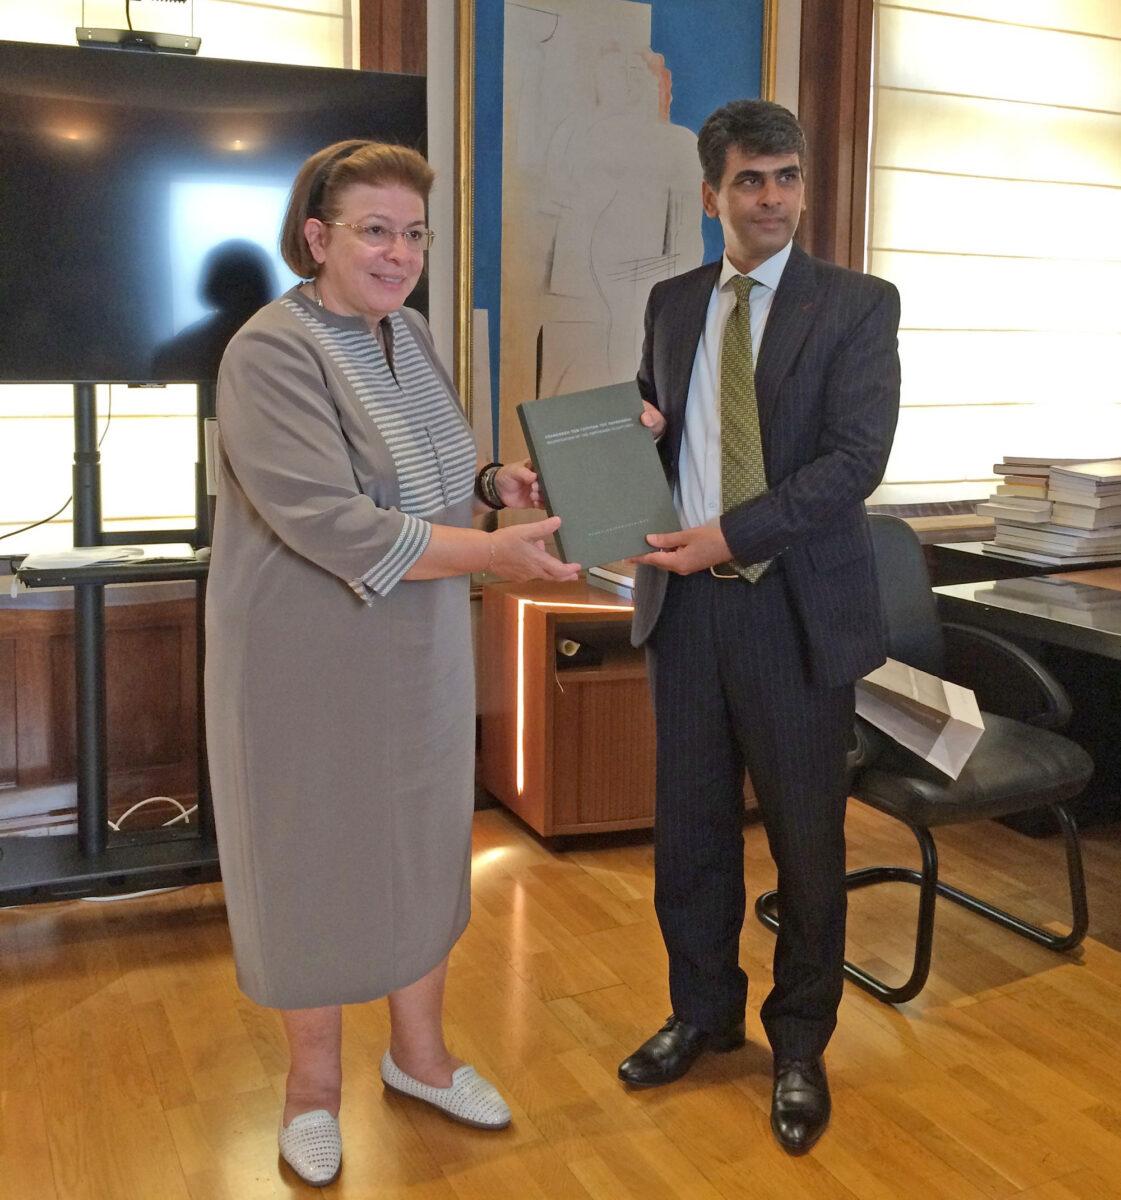 Η Υπουργός Πολιτισμού και Αθλητισμού, Λίνα Μενδώνη, και ο Πρέσβης του Αφγανιστάν, Mirwais Samadi (φωτ.: ΥΠΠΟΑ).